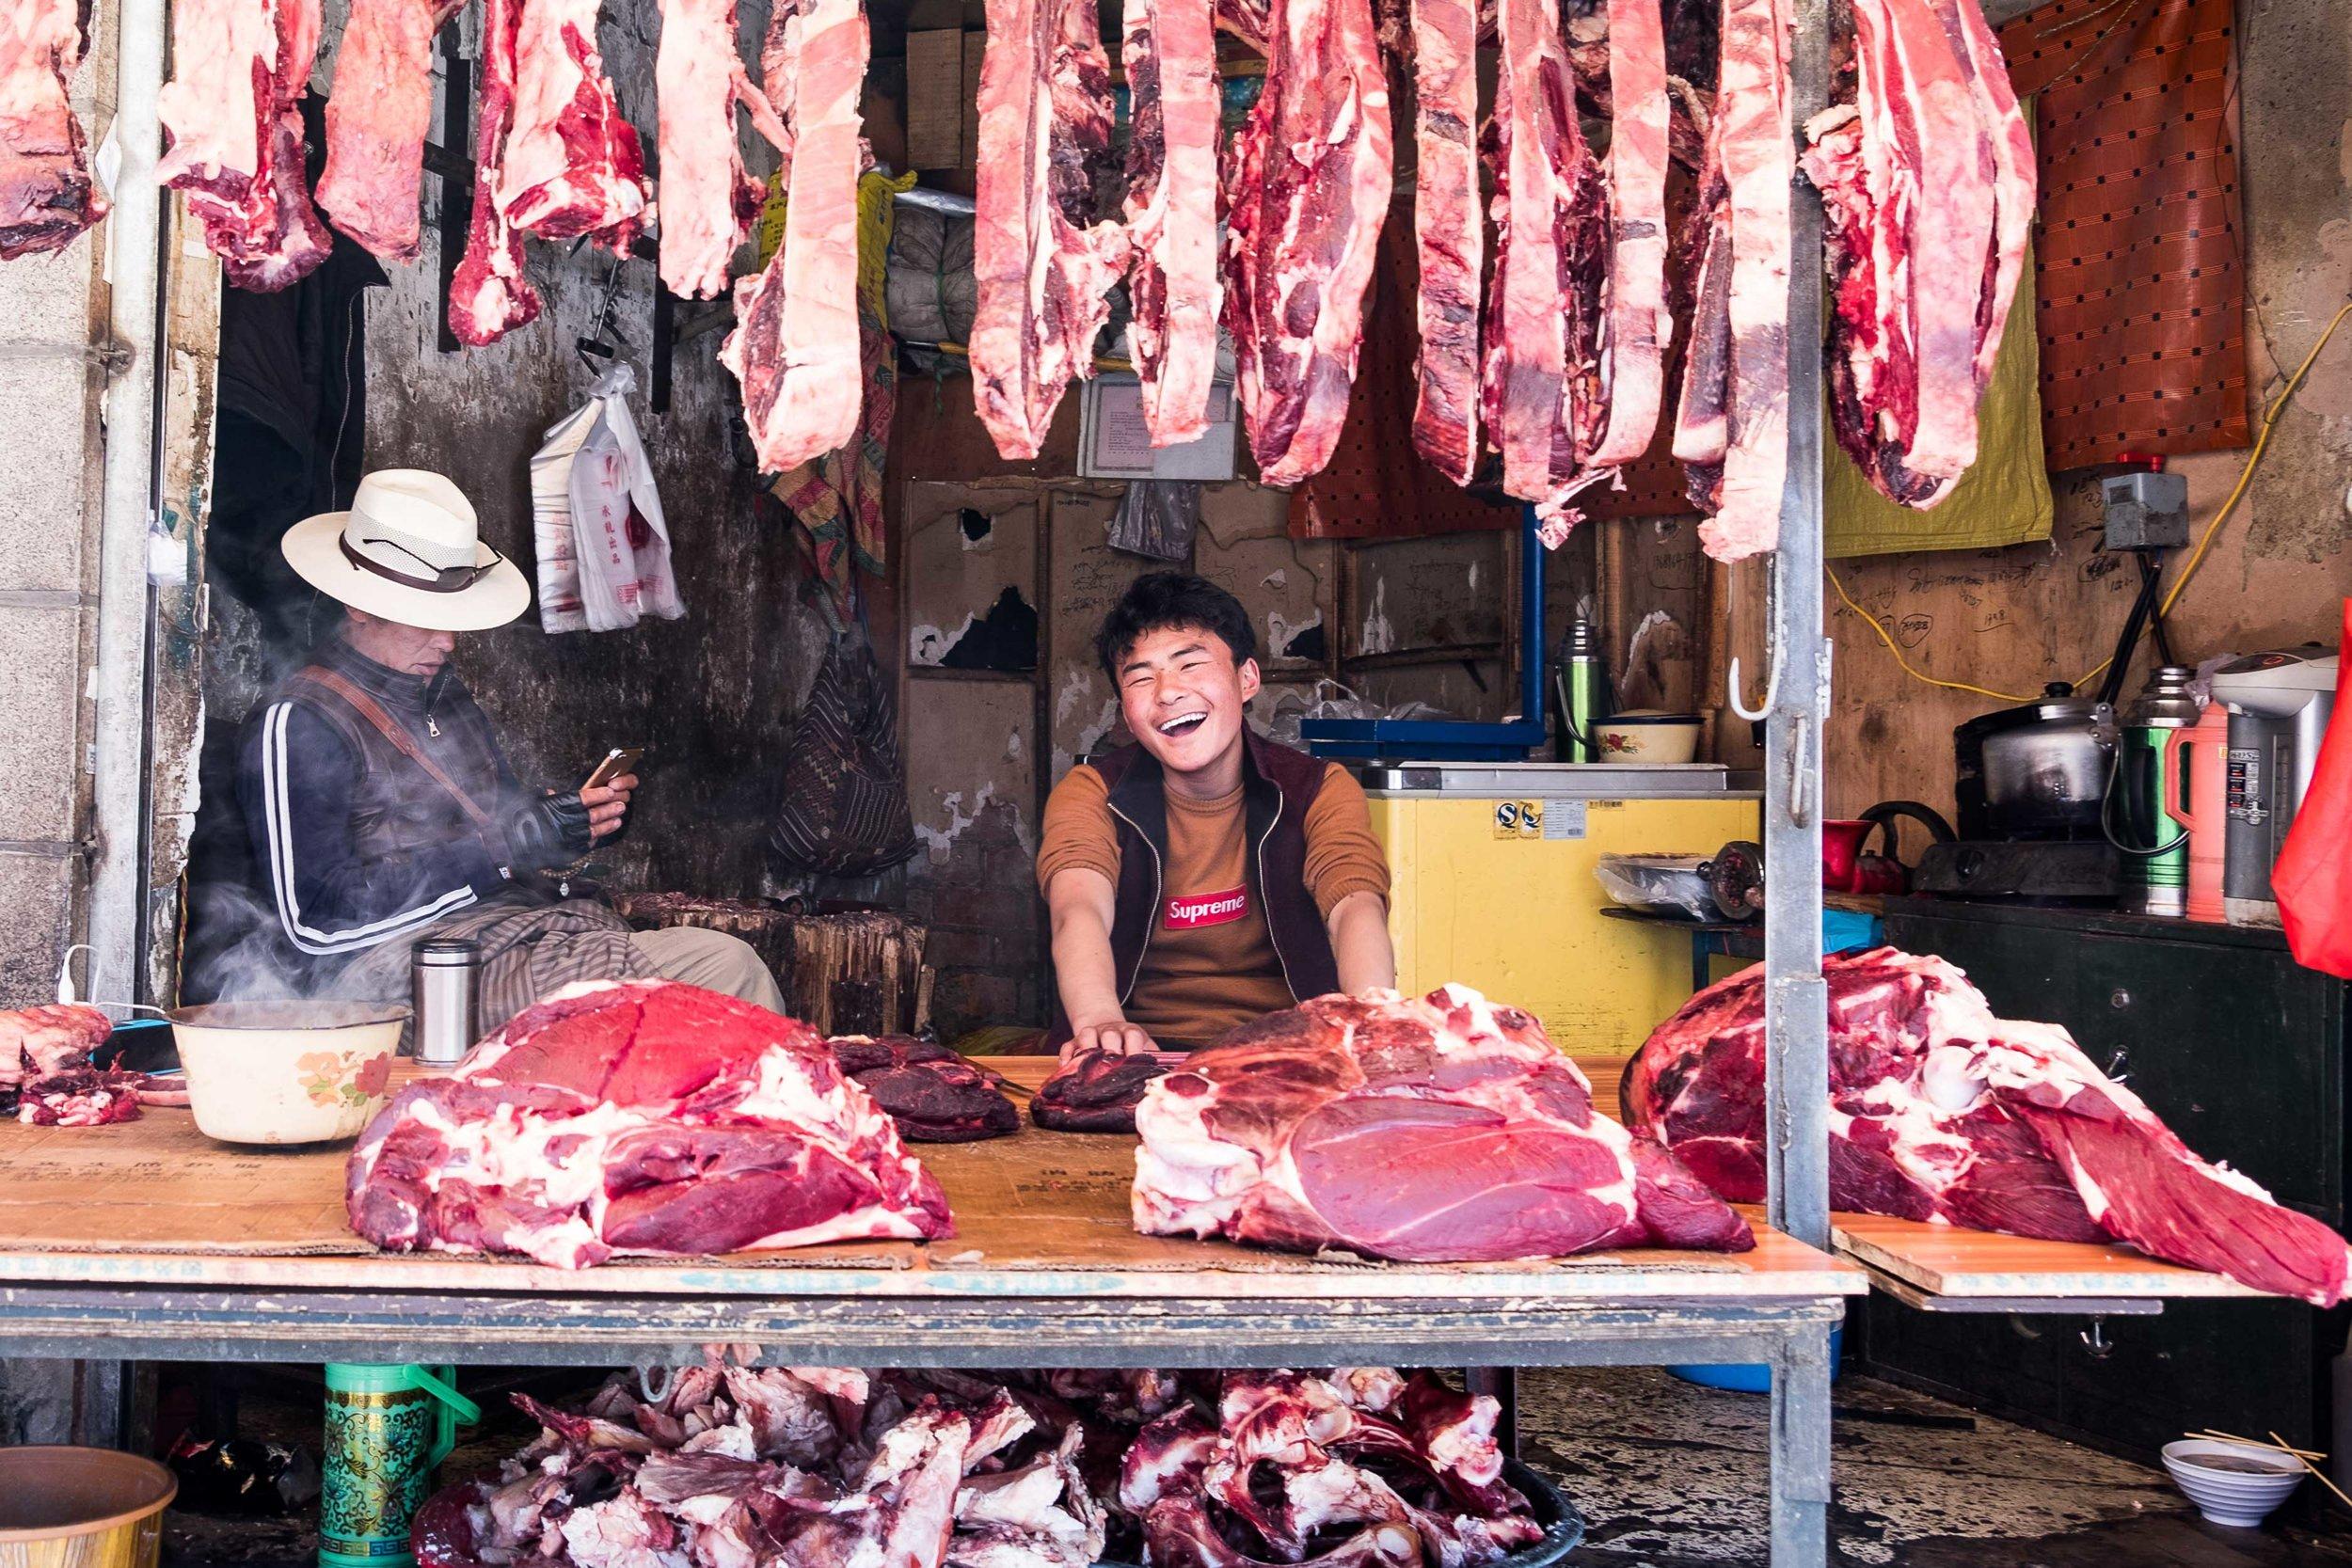 www.iaincrockart.com_nomadicknights_-DSCF6461.jpg